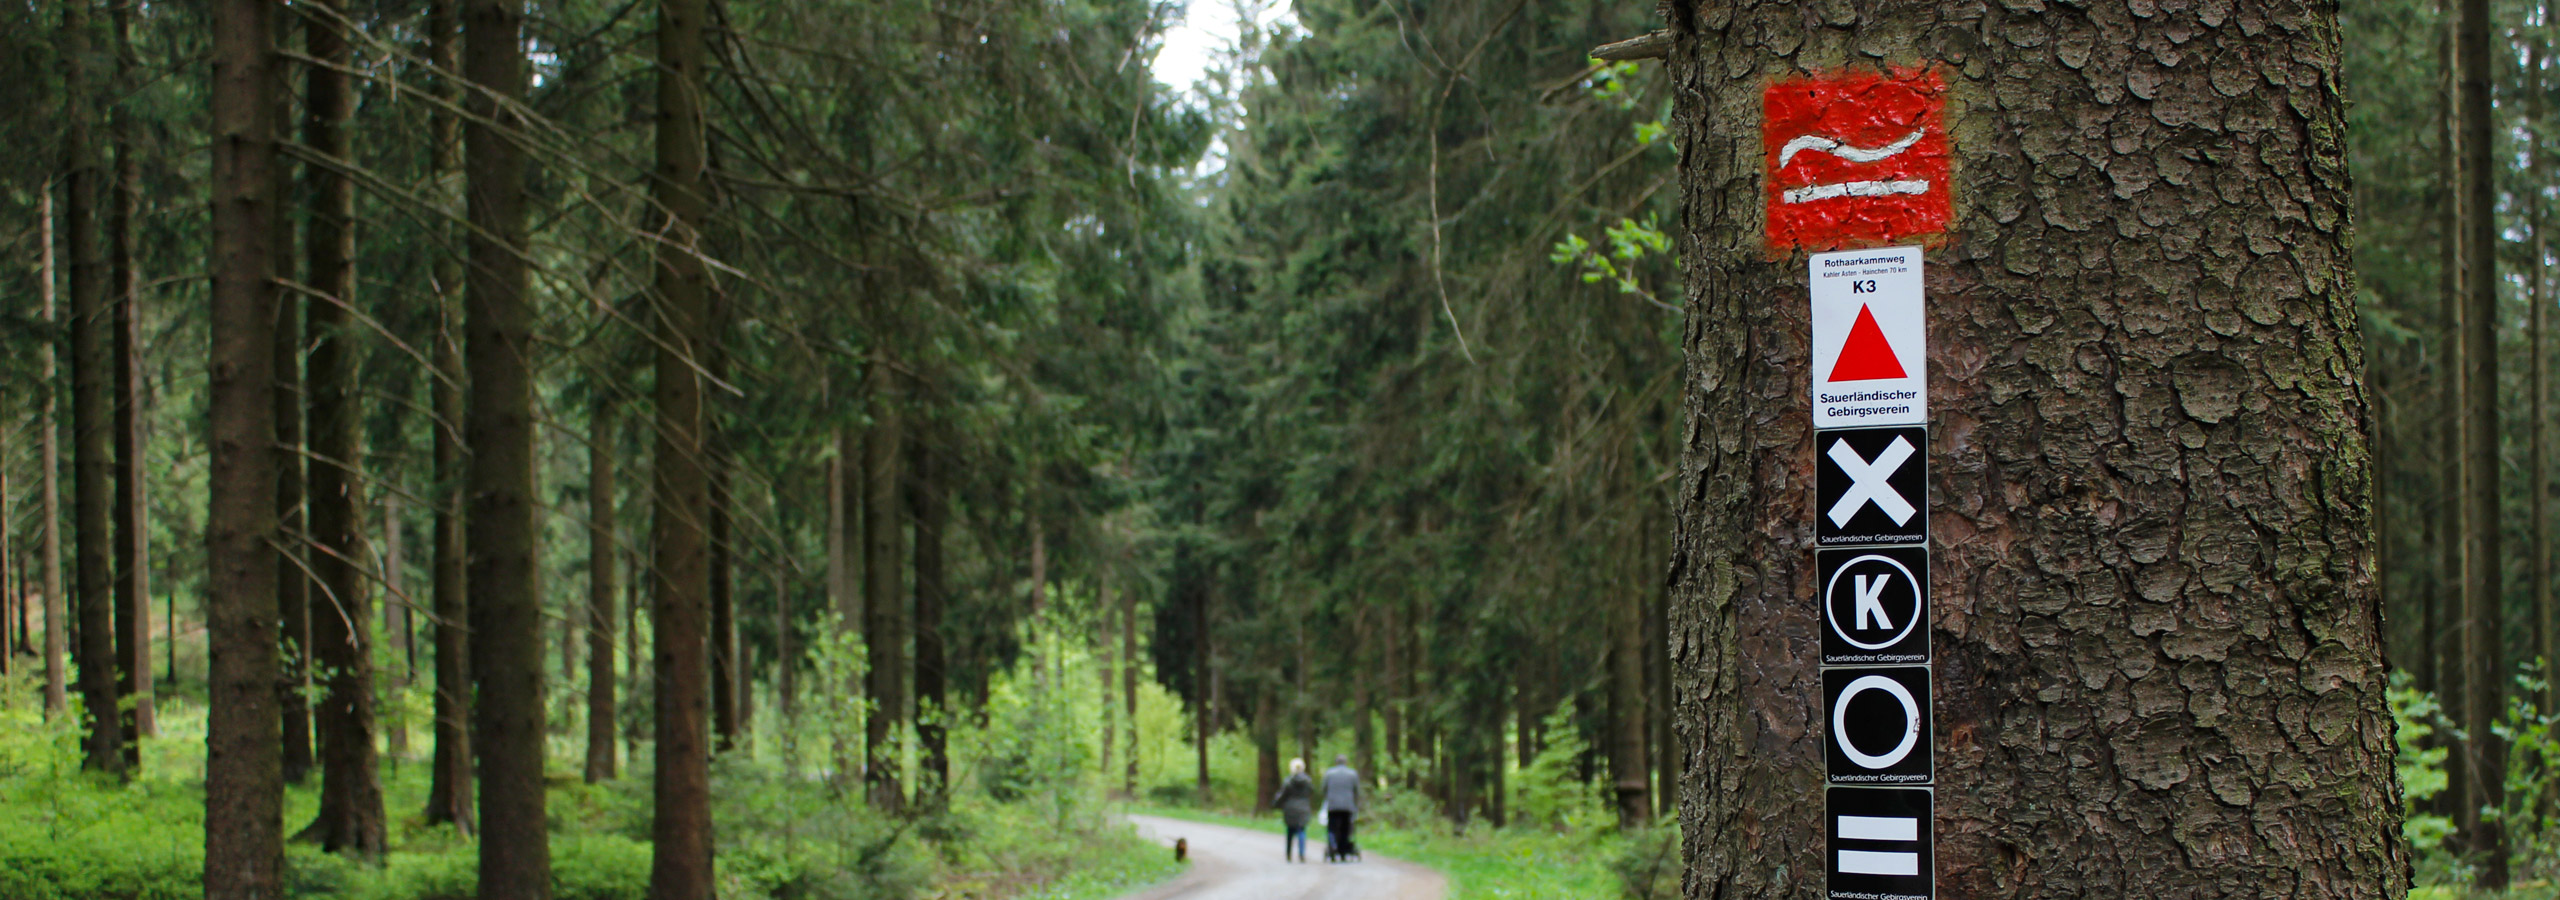 Die SGV Abteilung Hilchenbach zeichnet Wanderwege im Gebiet der Stadt Hilchenbach